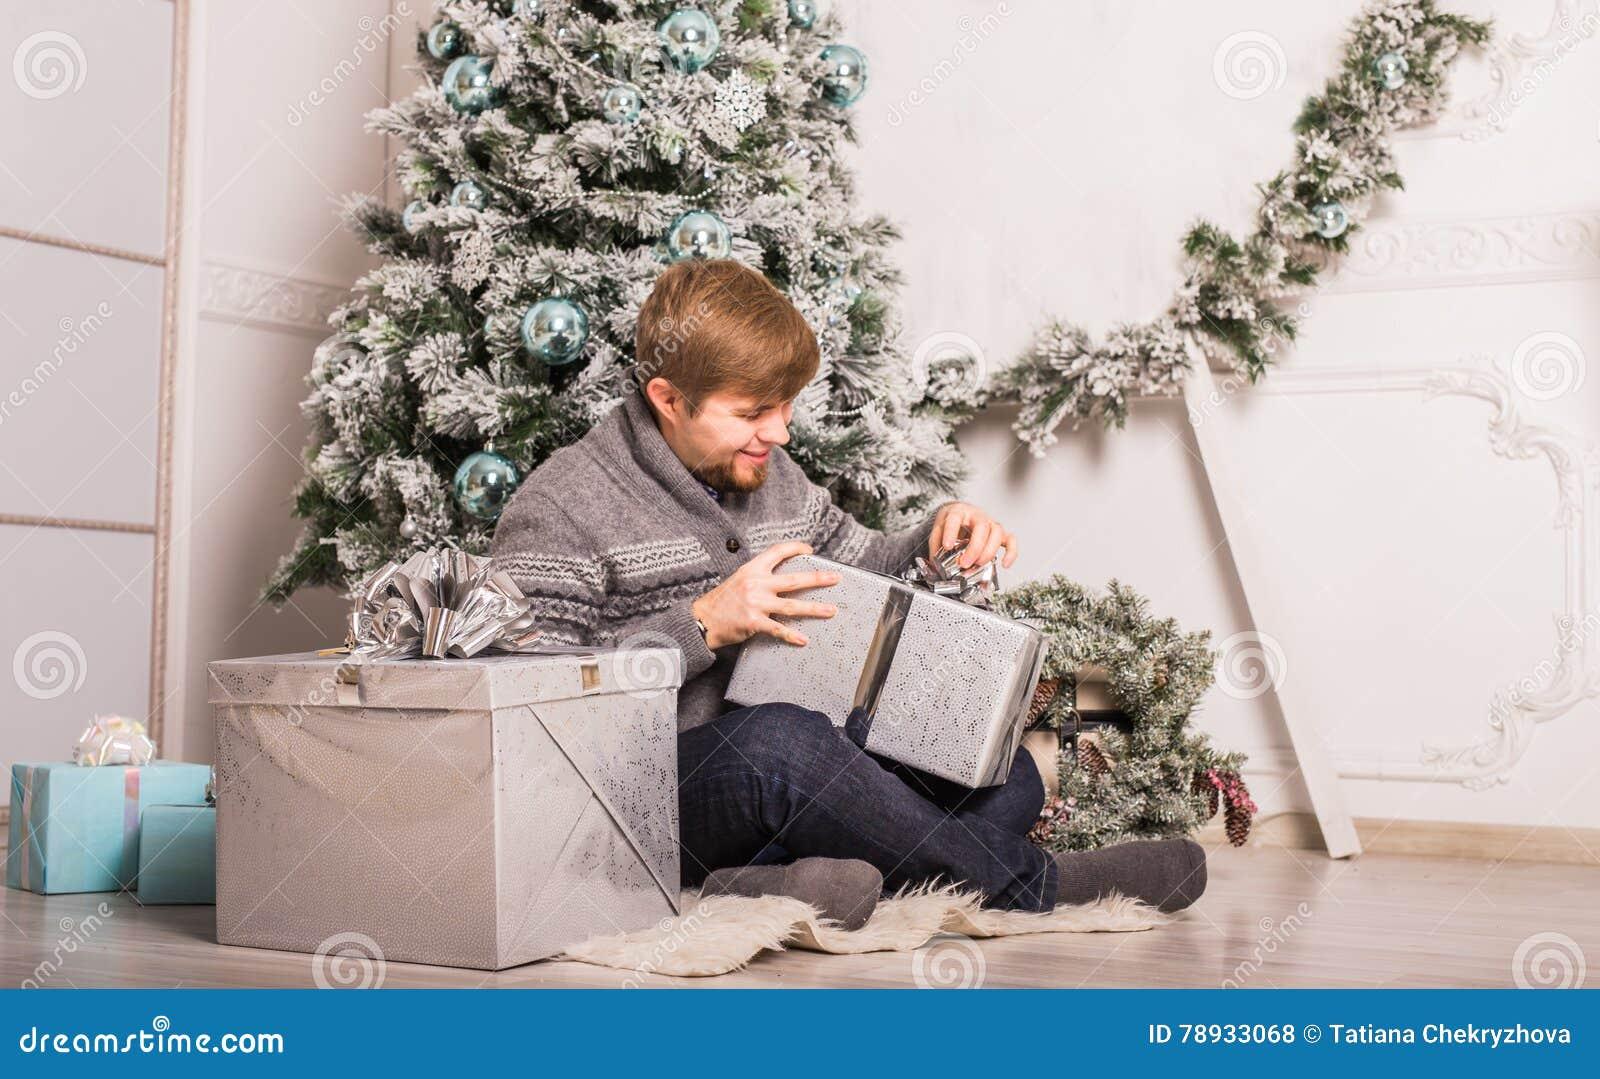 Χριστούγεννα, Χριστούγεννα, χειμώνας, έννοια ευτυχίας - χαμογελώντας άτομο με το κιβώτιο δώρων